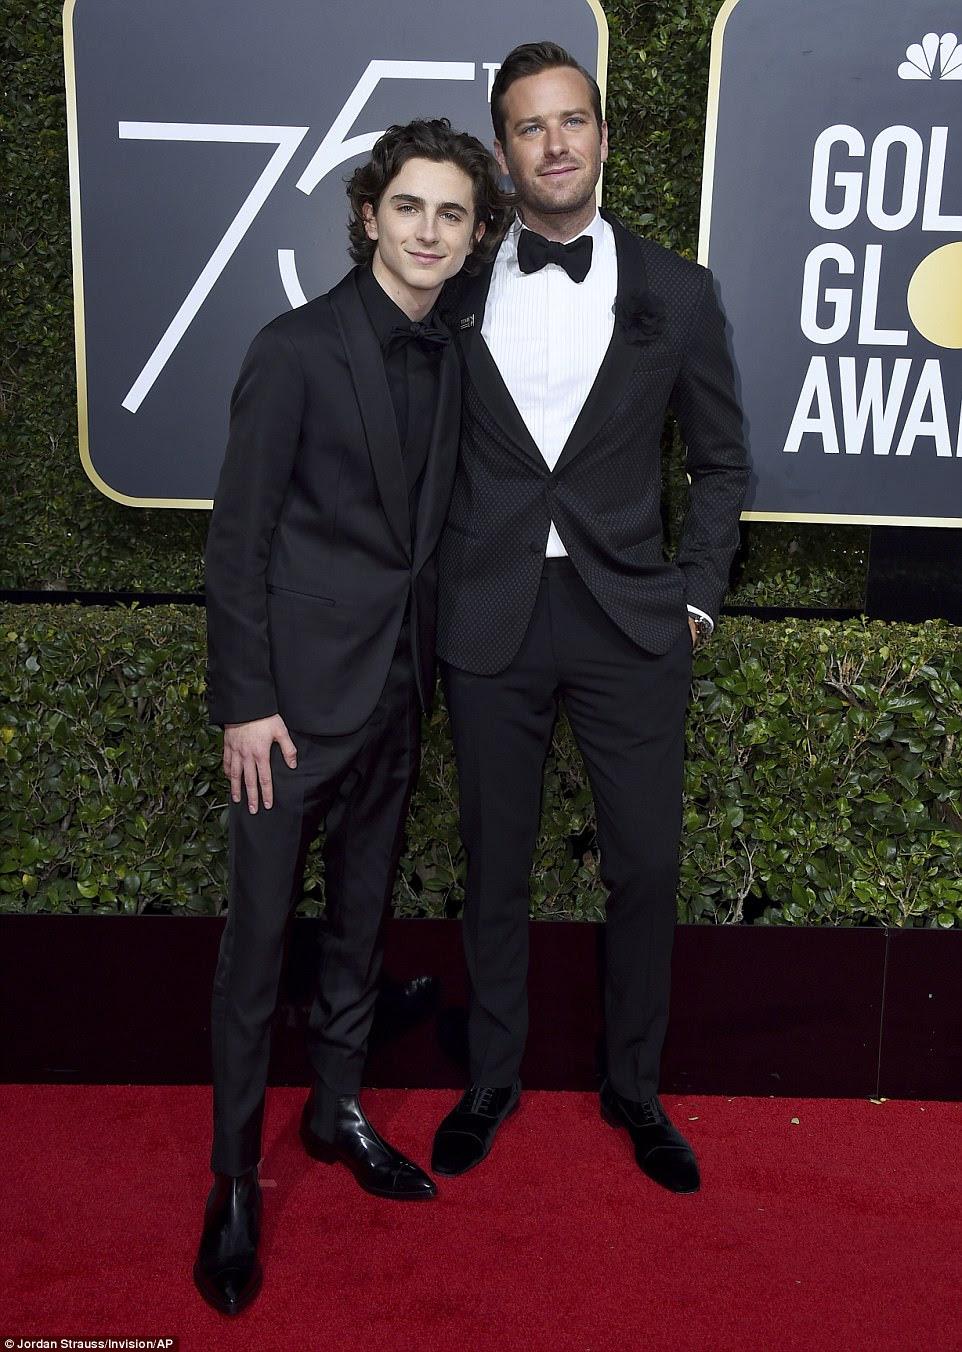 Aclamado: Me chame por seu nome Atores Timothee Chalamet, 22 e co-estrela Armie Hammer, 31, comemoraram suas nomeações para o Melhor Ator e Melhor Ator Coadjuvante em um filme dramático no tapete vermelho